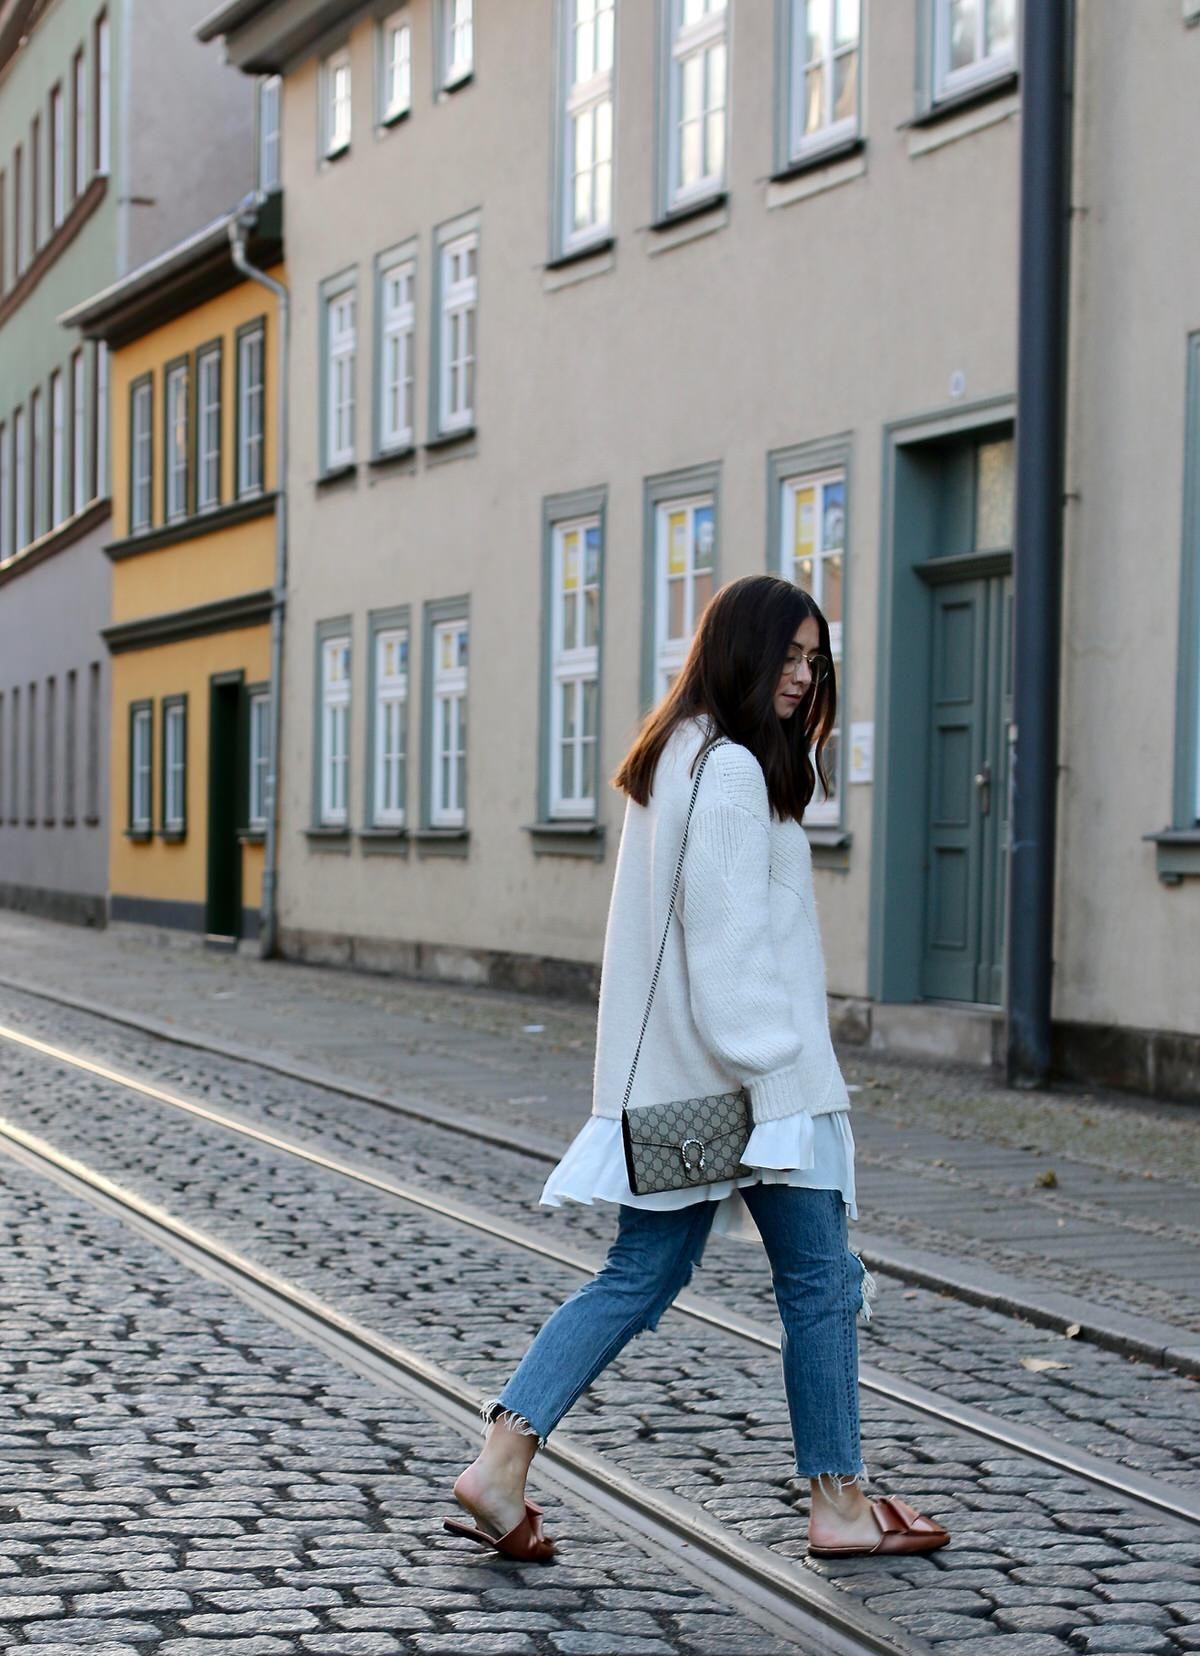 Levis 501 CT Jeans, rosa Satin Mules H&M, Edited Kleid, kuscheliger weißer Zara Pullover, Gucci Dionysus Mini, Pandora, Mac Lippenstift Viva Glam II